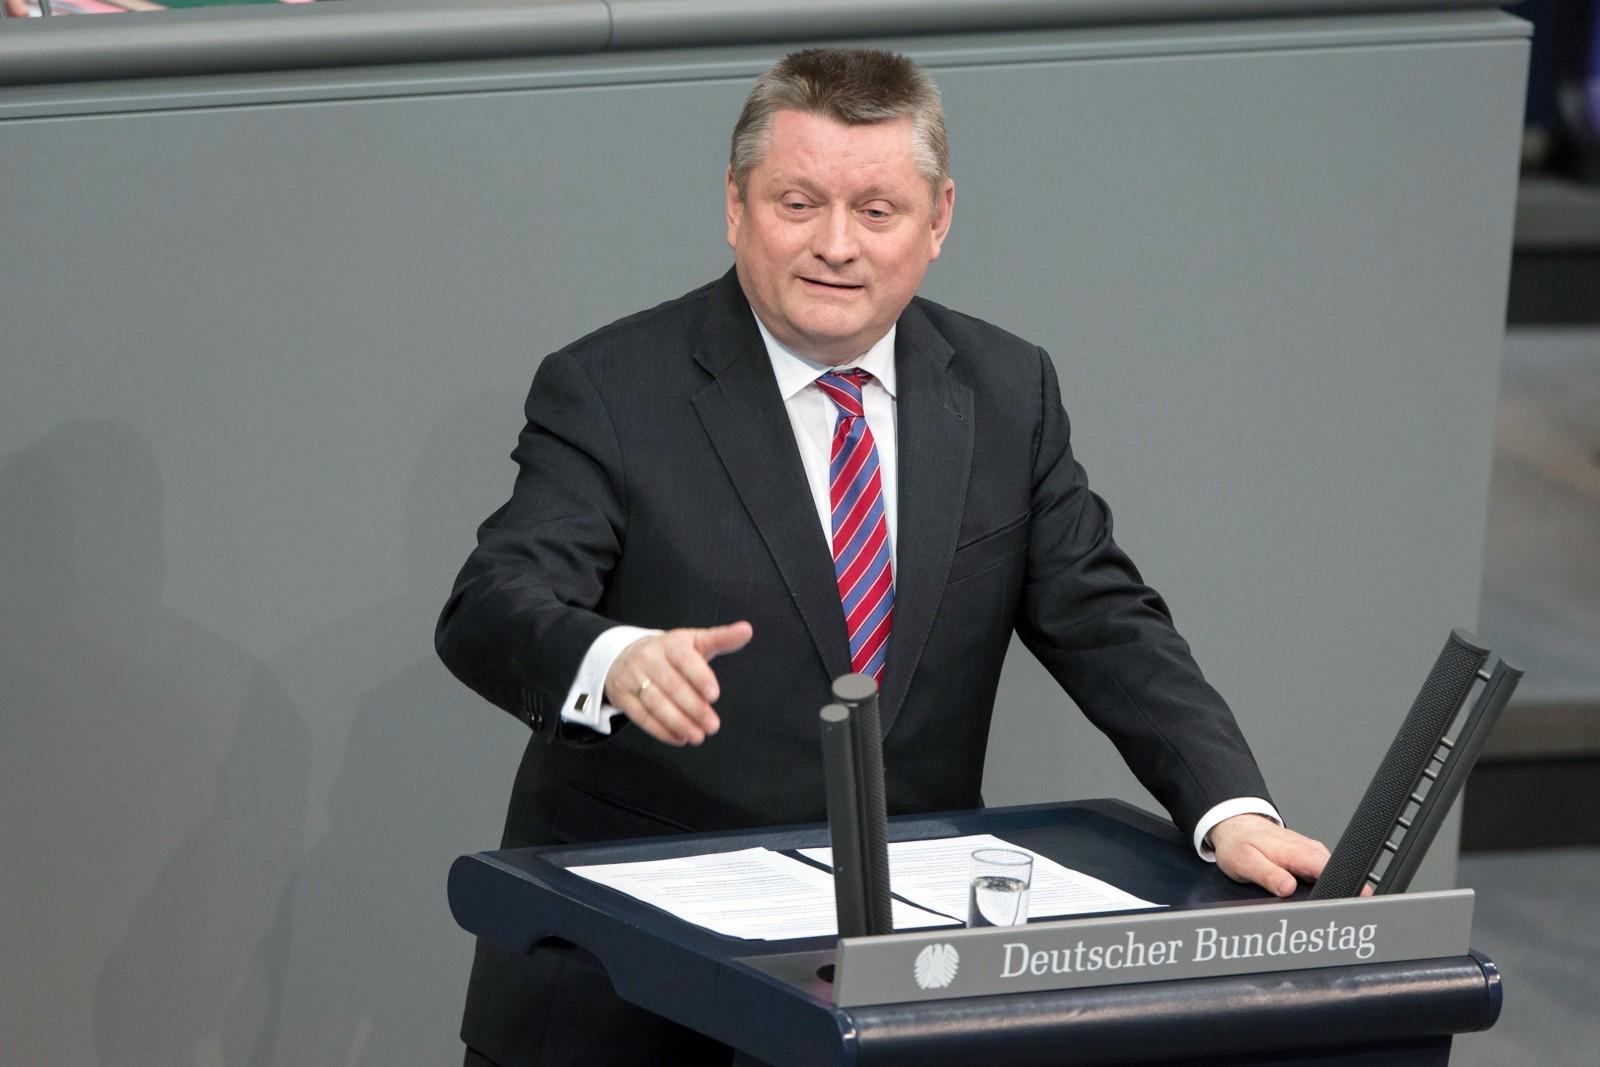 wpid-Groehe_Bundestag_HenningSchacht_300dpi.jpg